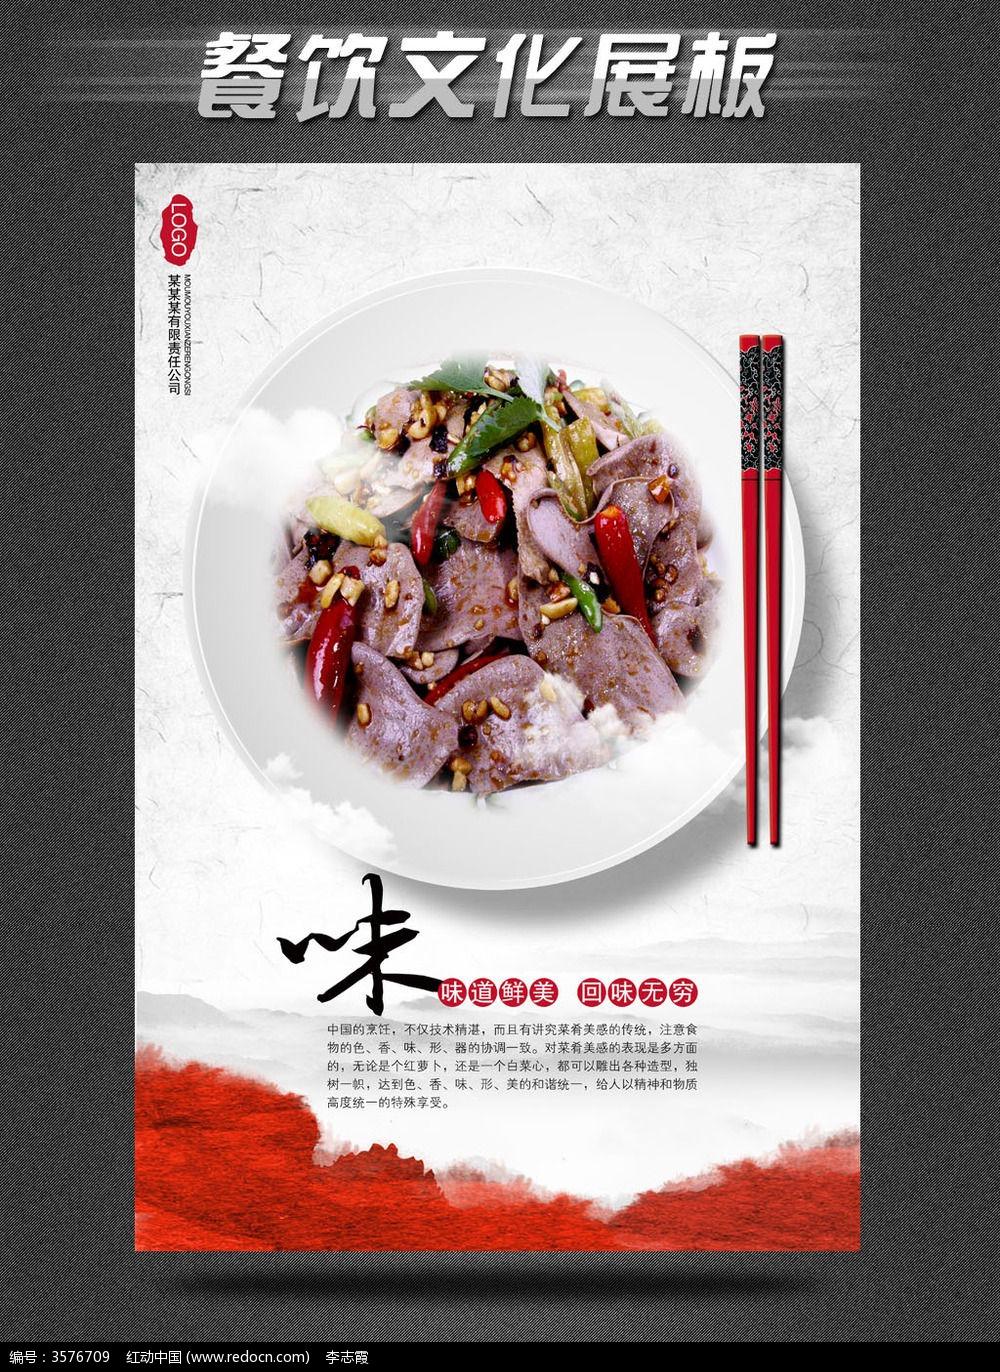 关于食堂的海报_食堂宣传海报矢量图_企划文化_海报设计_广告